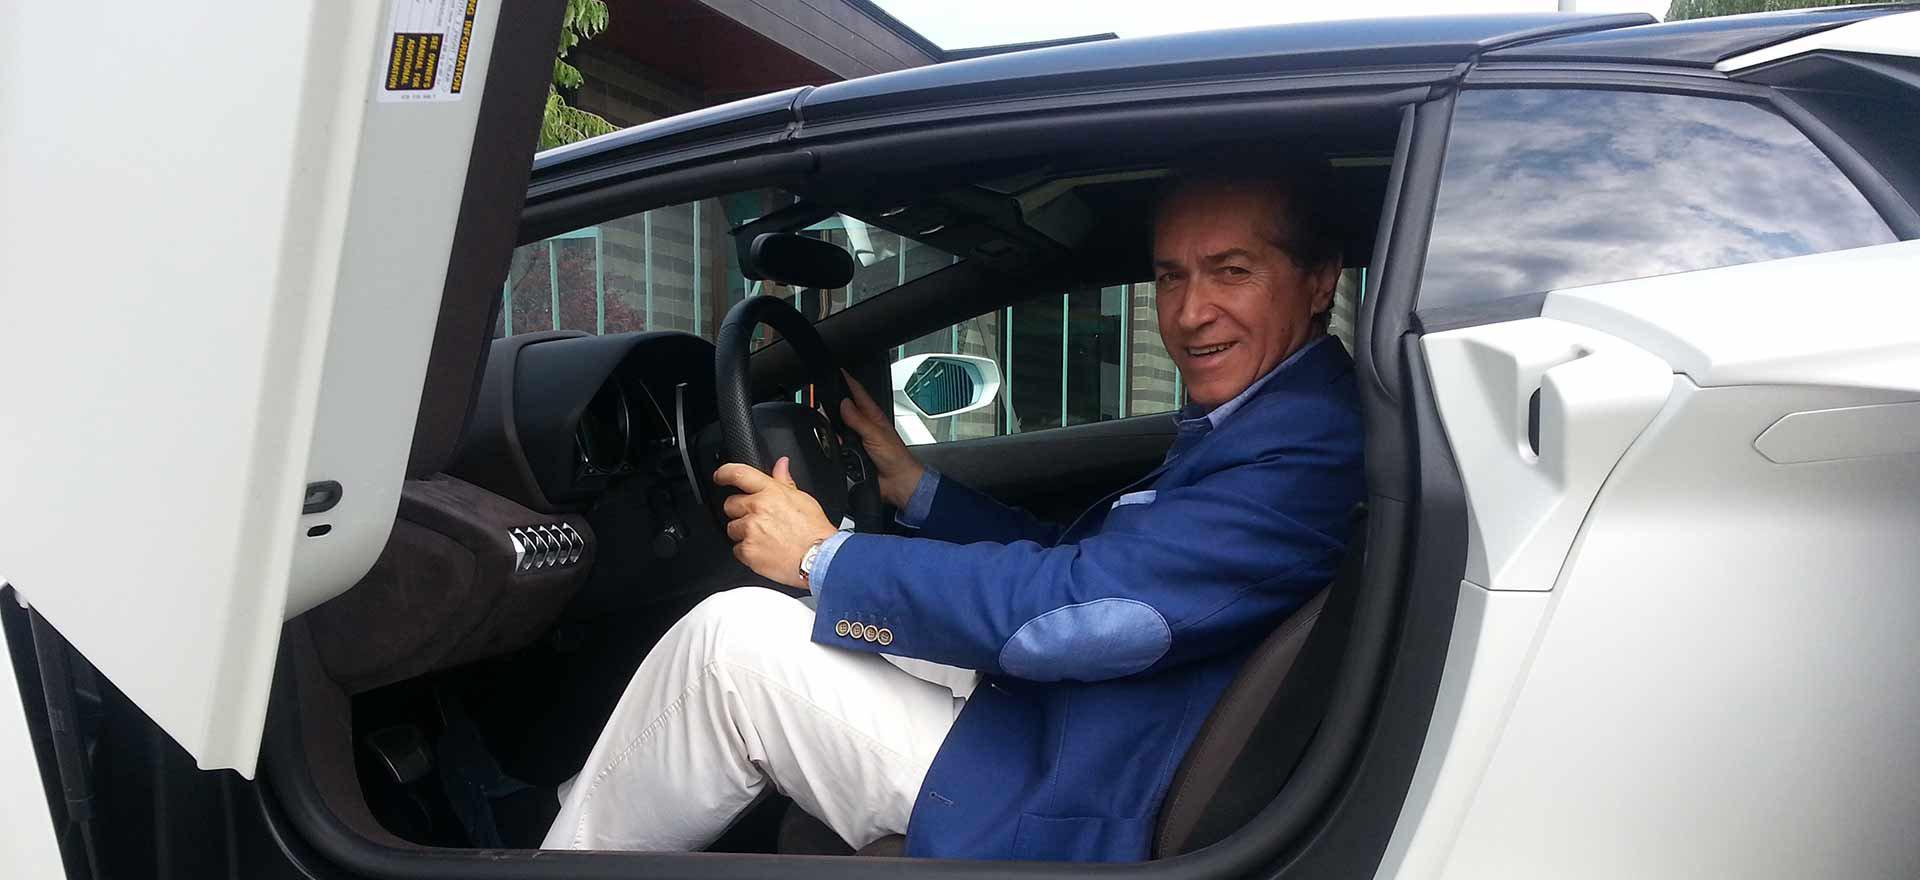 CavallottiTravel incontra  Fabio Lamborghini nella Motor Valley